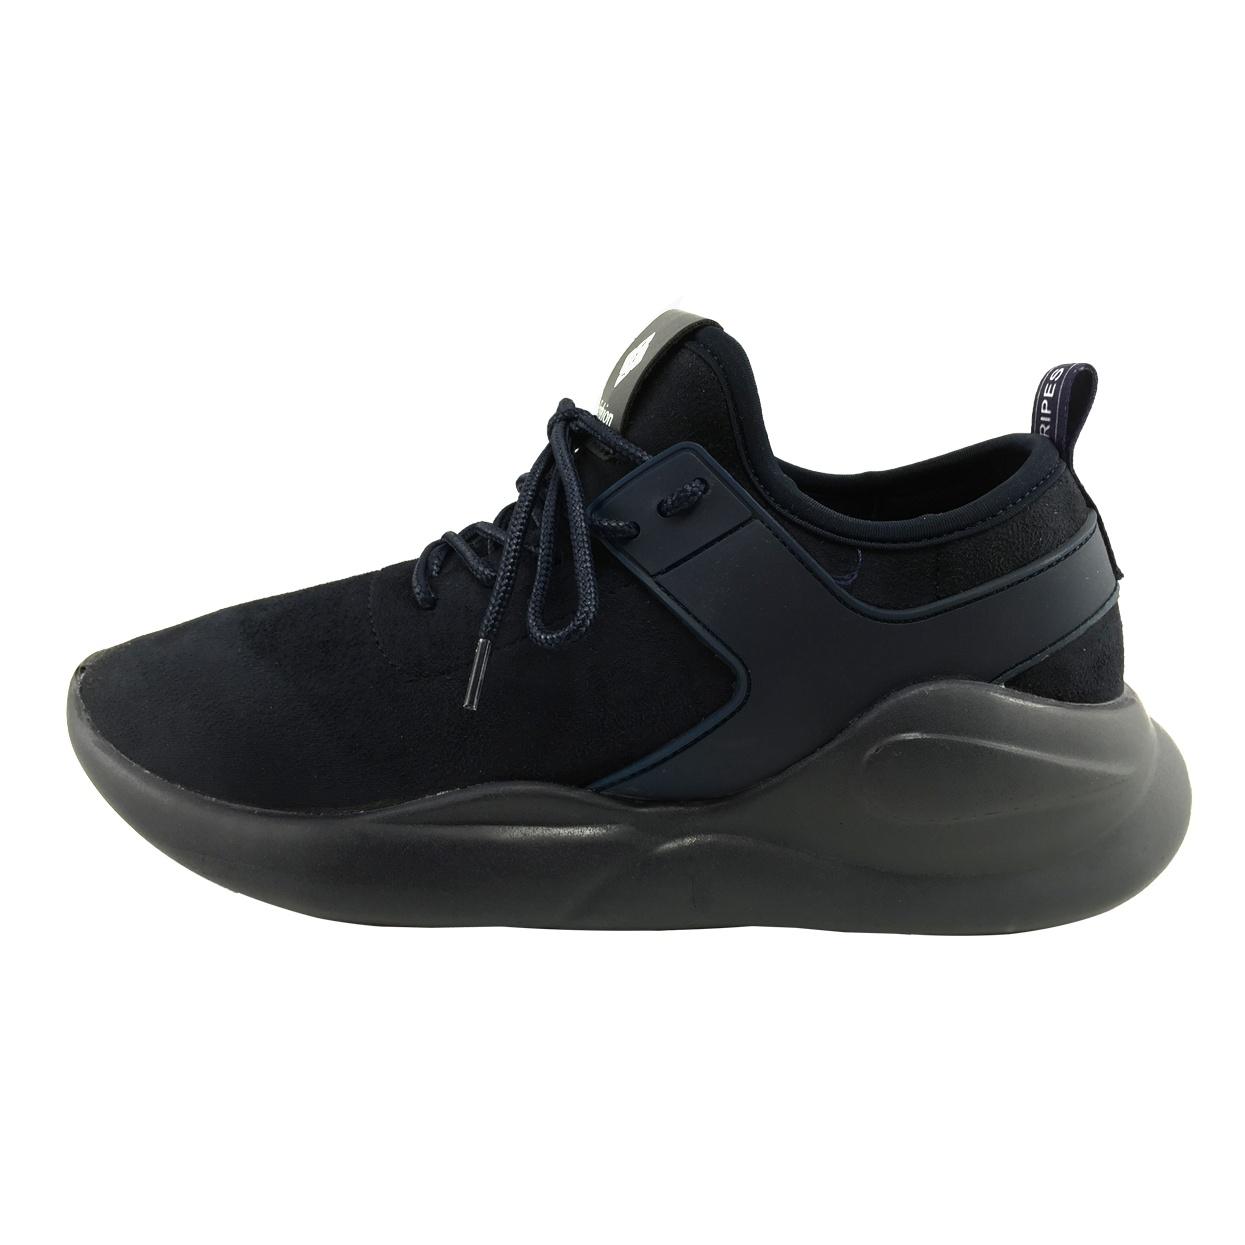 کفش ورزشی زنانه فشن مدل B140 رنگ سرمه ای